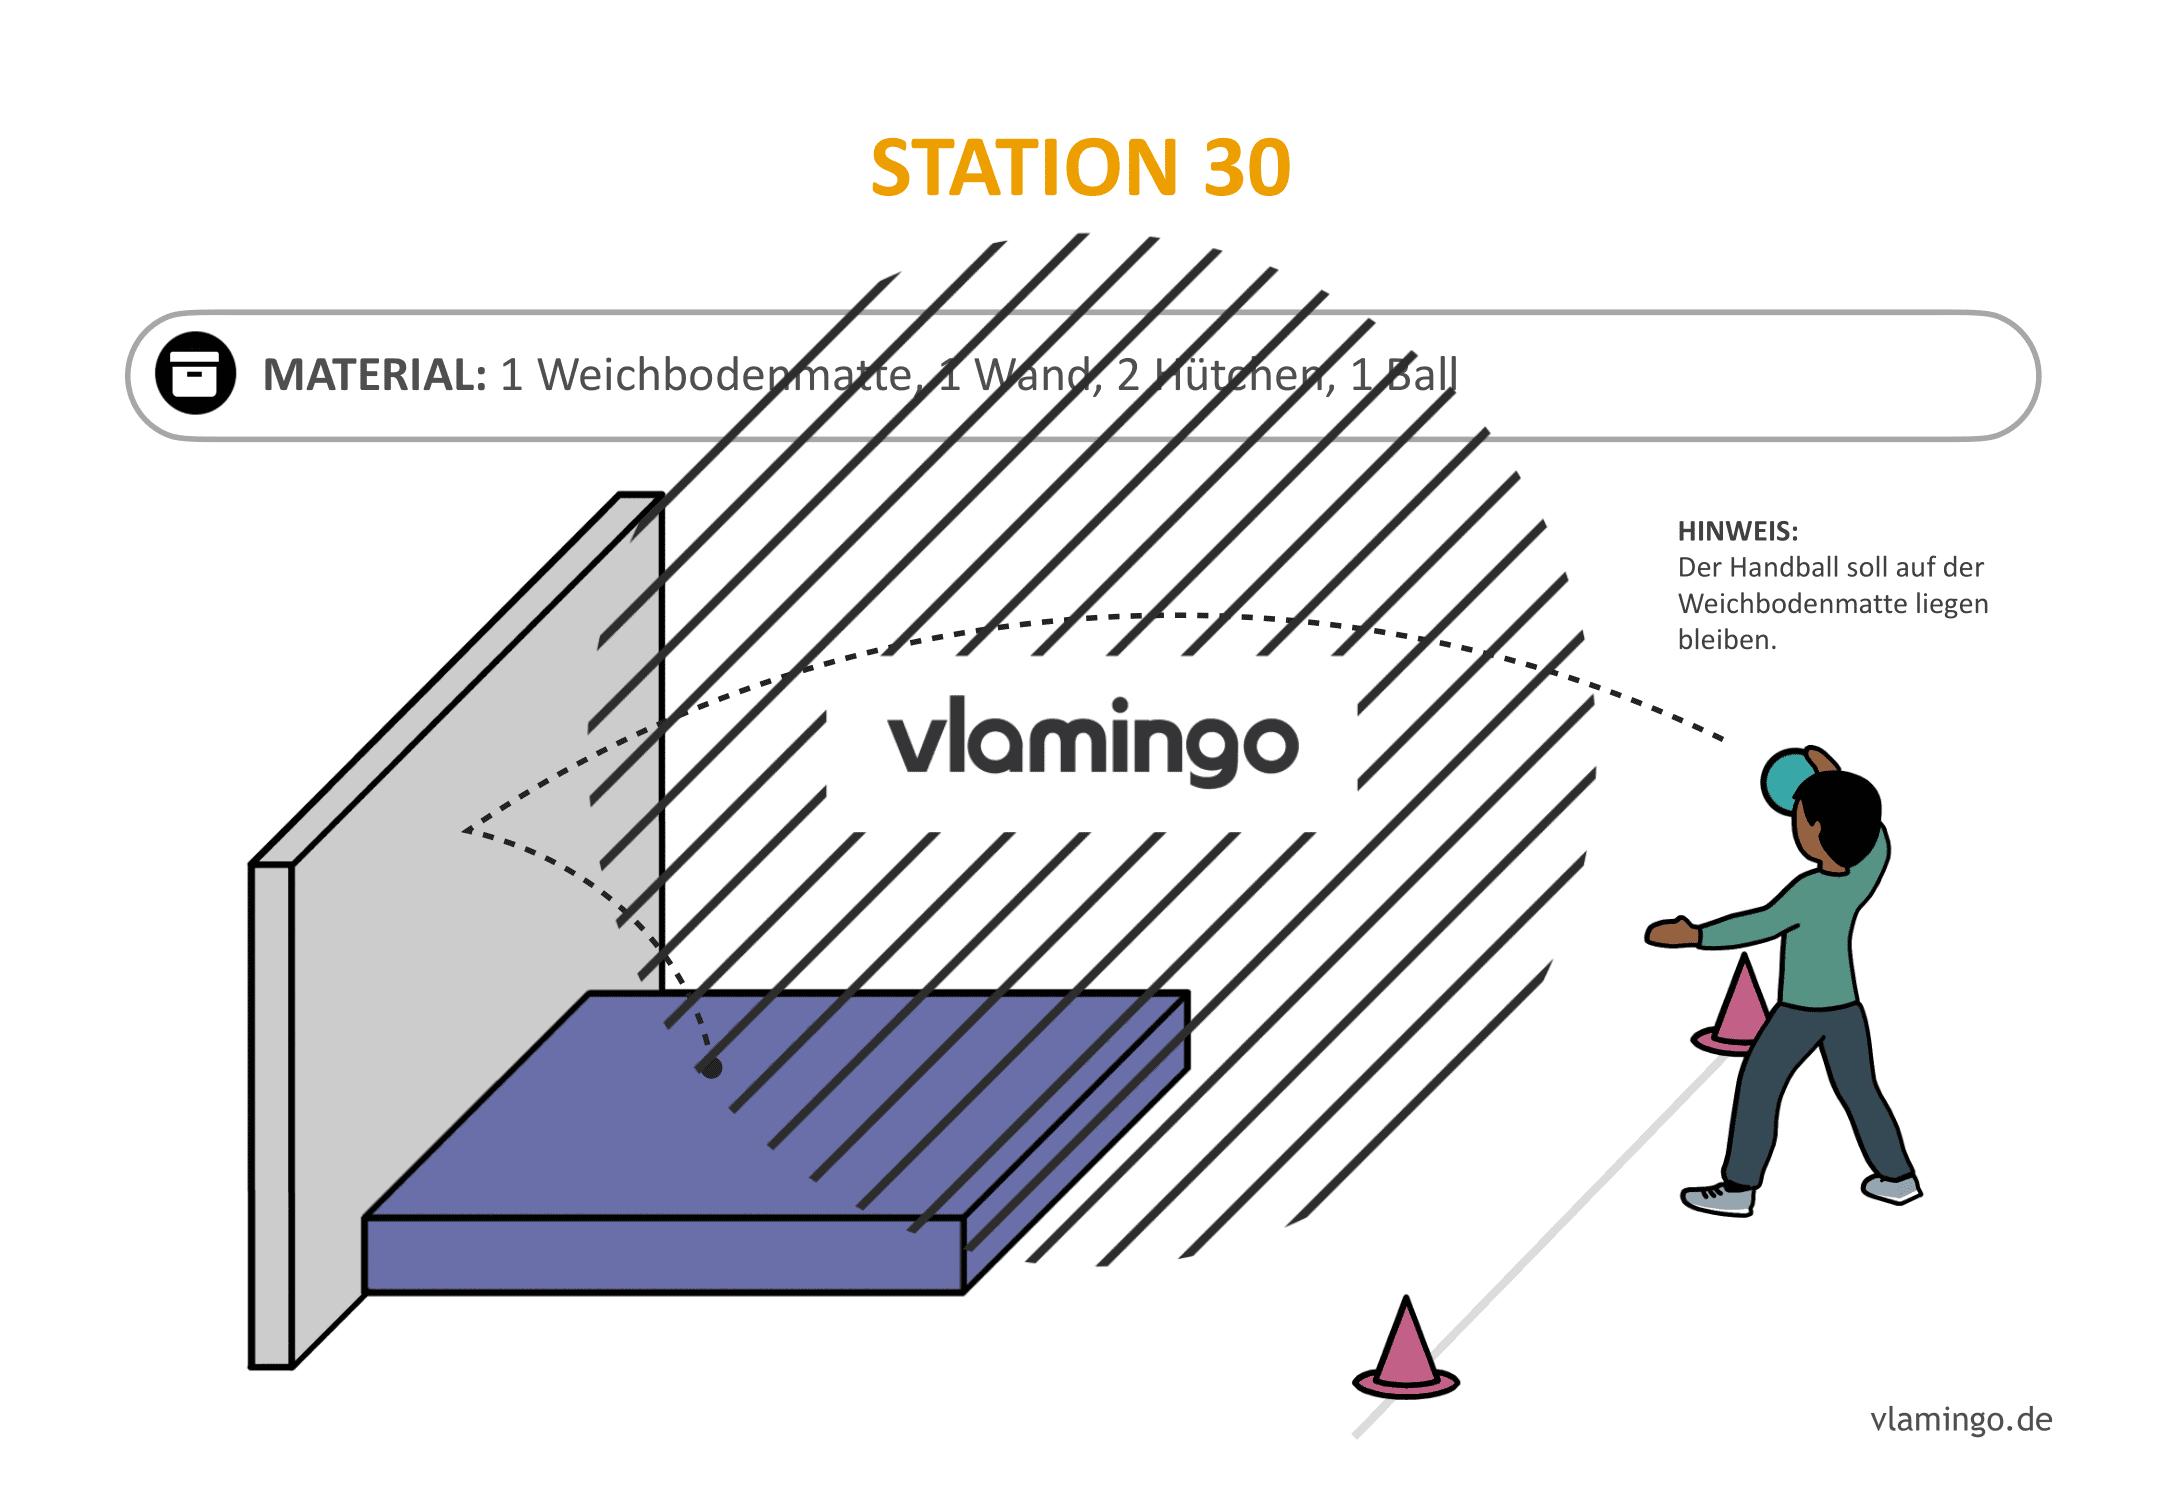 Handballgolf - Station-30